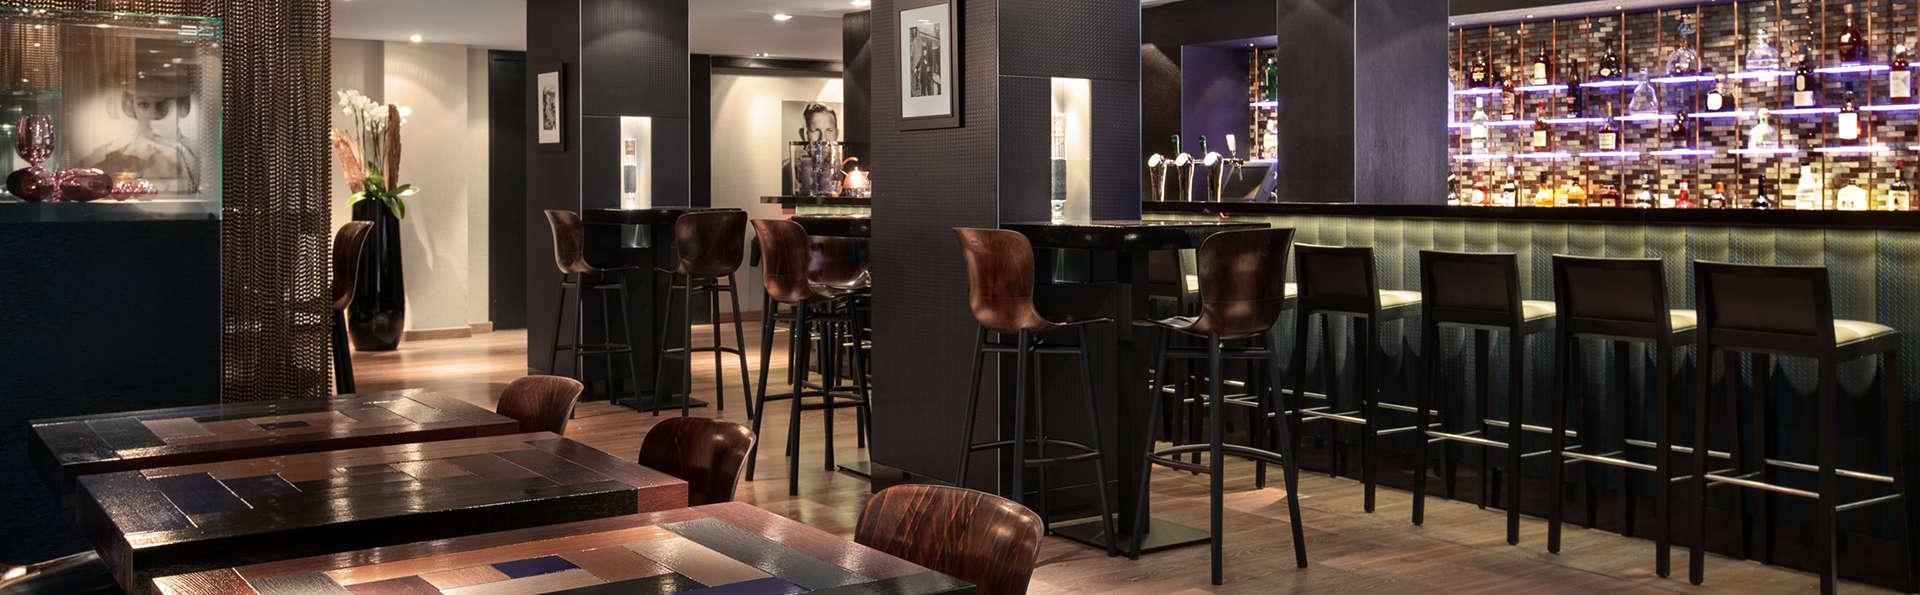 Profitez du luxe et du design dans un hôtel 5* à La Haye